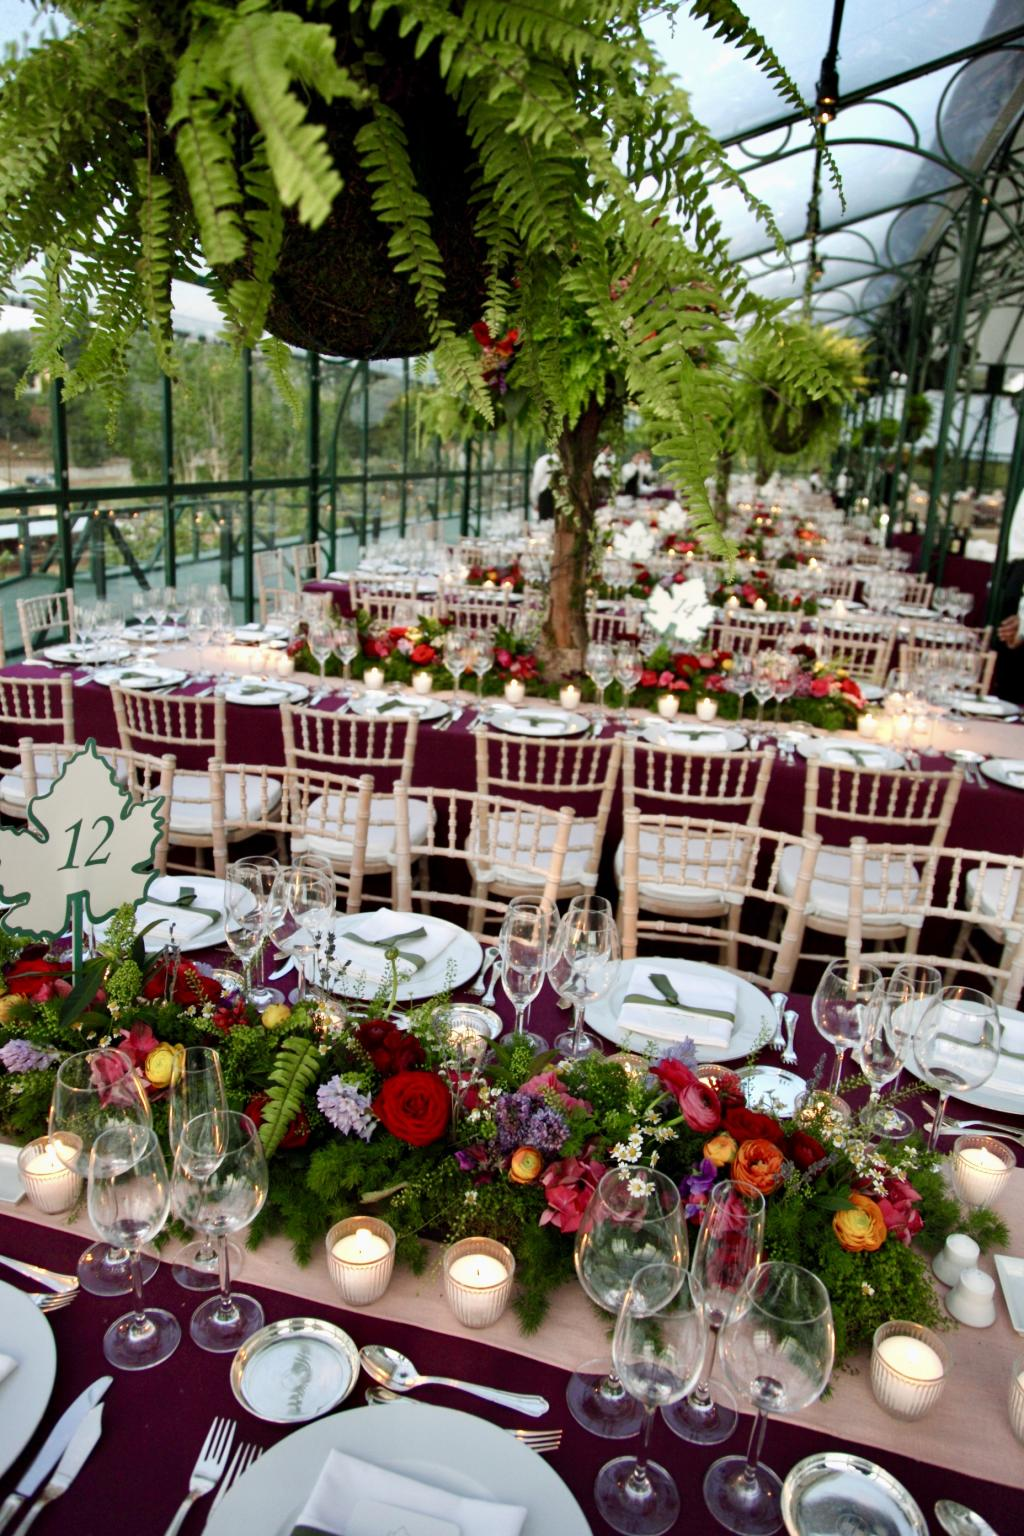 G&I Athens wedding - Image 21